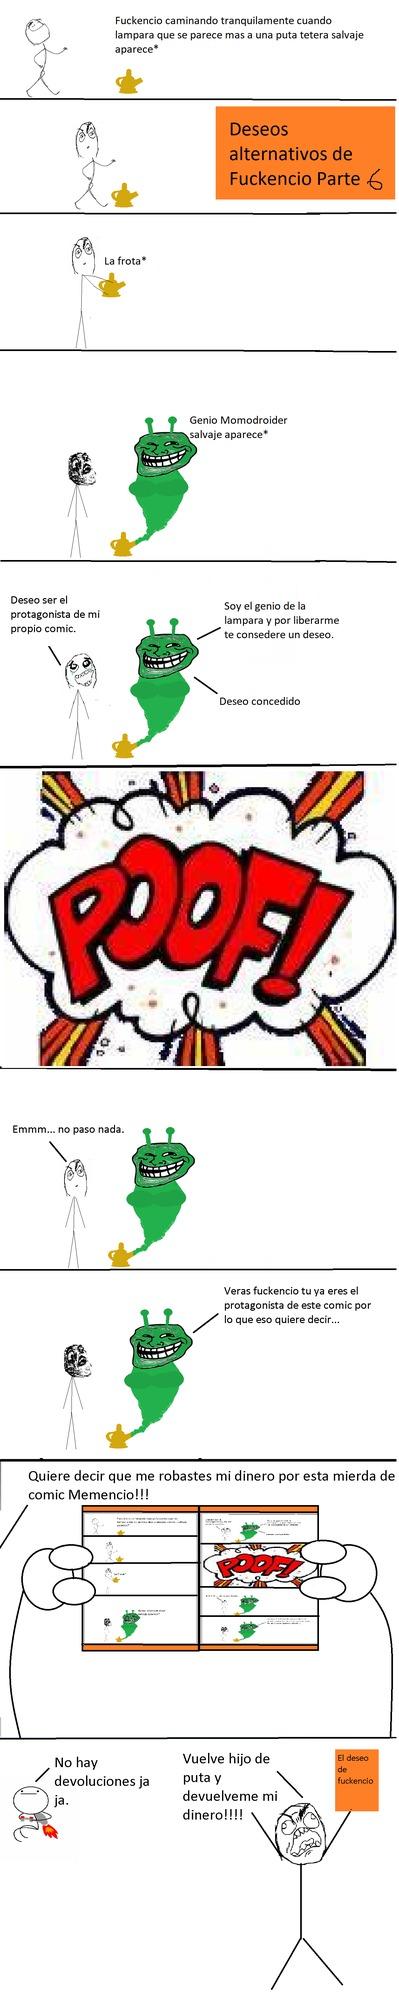 Créditos a JuanDiGoHj. - meme